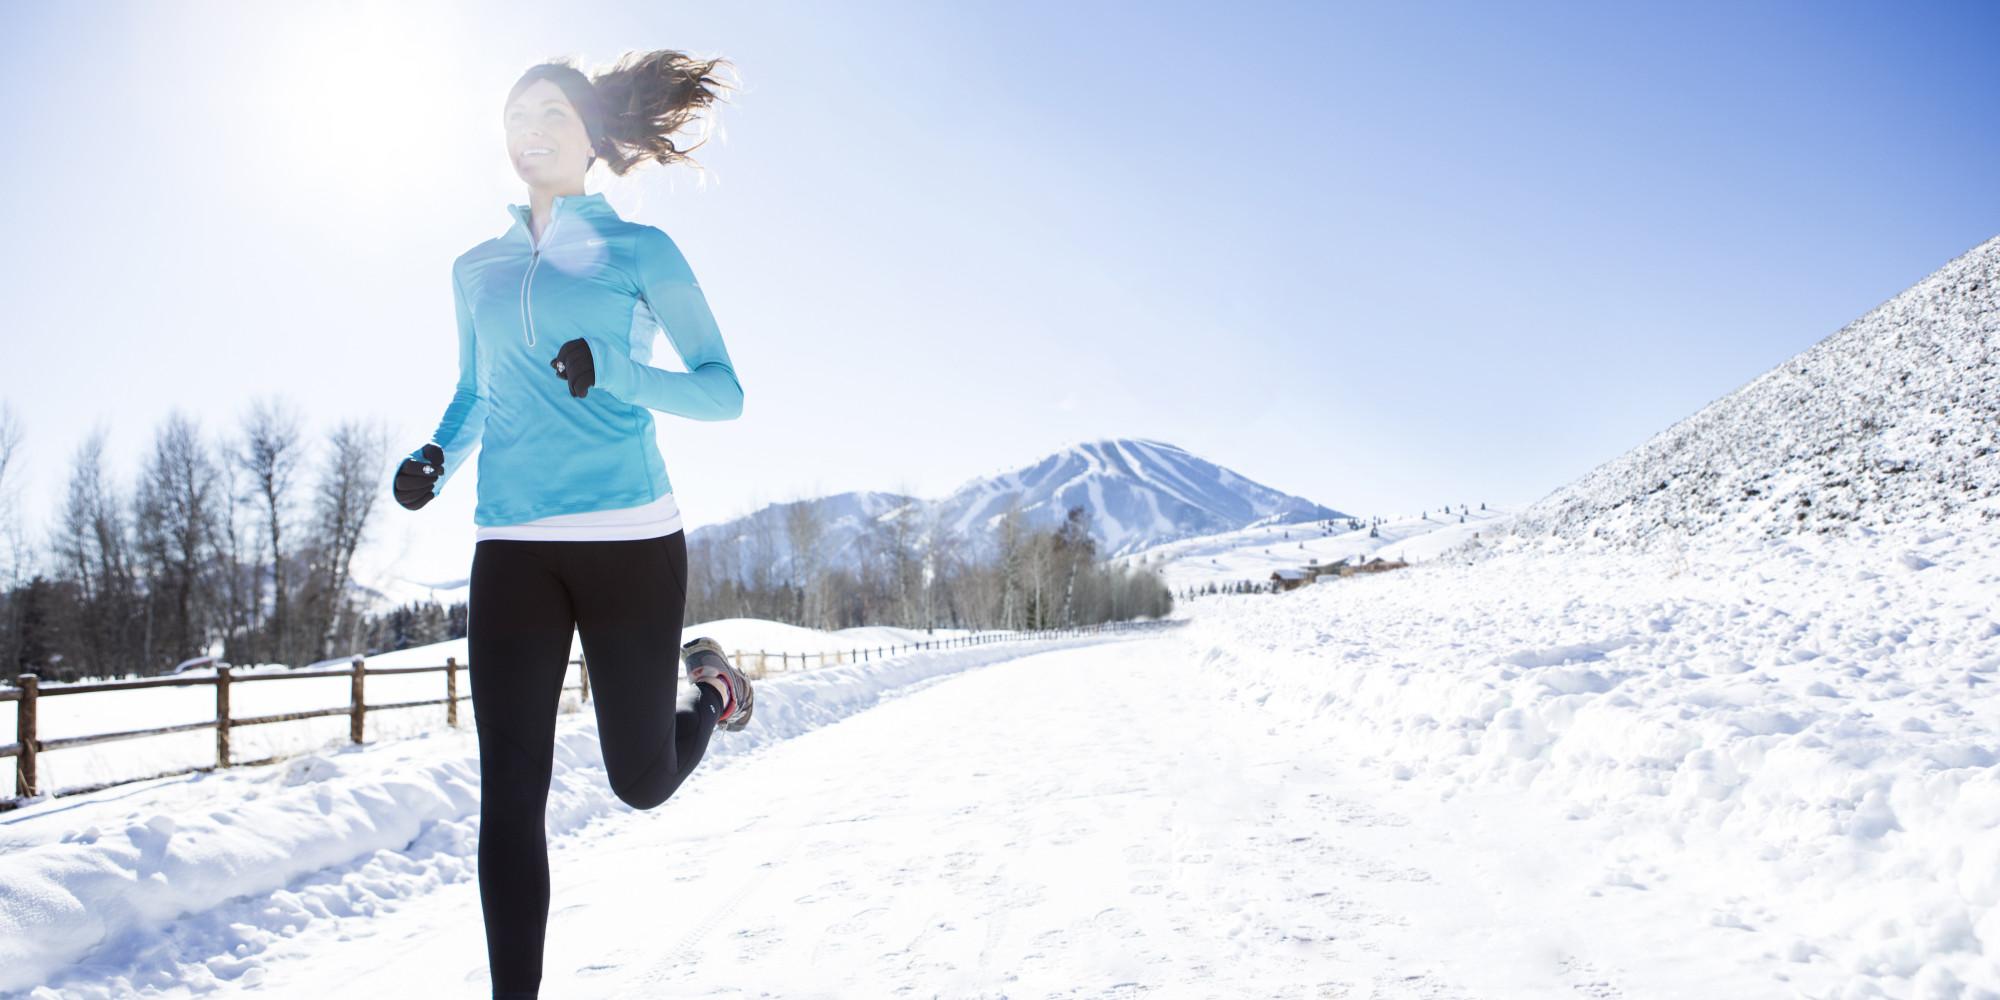 Бег на улице зимой — советы и отзывы